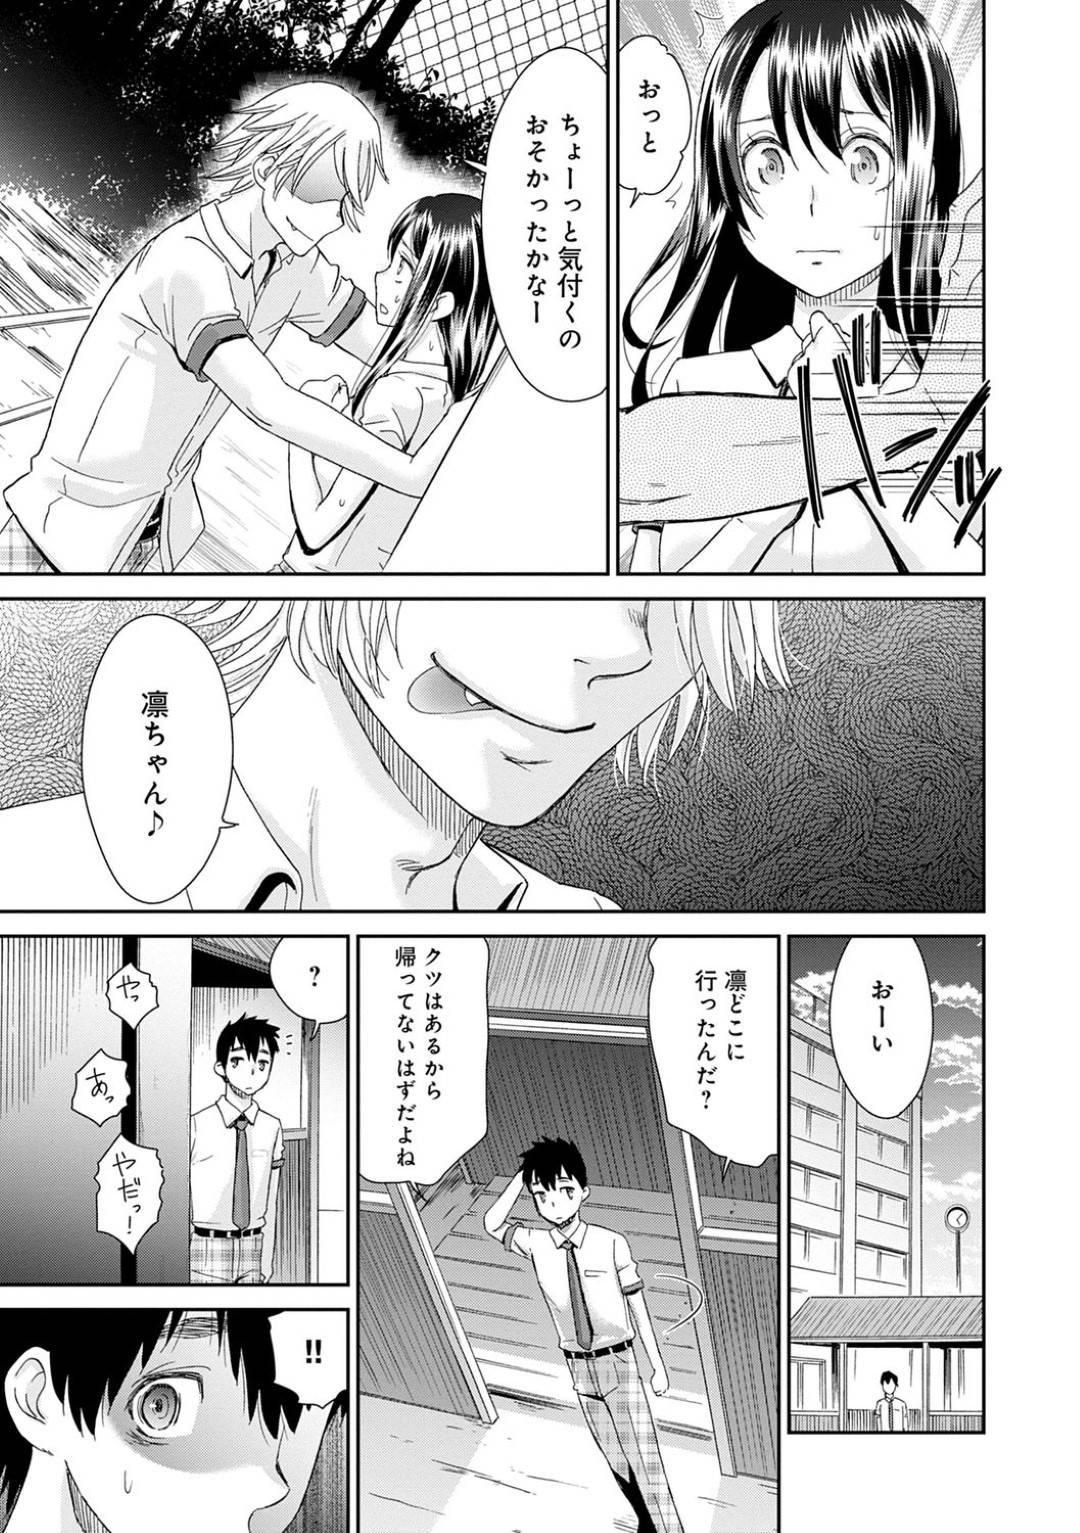 【寝取られレイプエロ漫画】彼氏は校内で彼女がDQNにレイプされている所を目撃する。助けようとするも体が動かず彼女が中出しレイプされる姿を絶望しながら見つめる【桃之助】